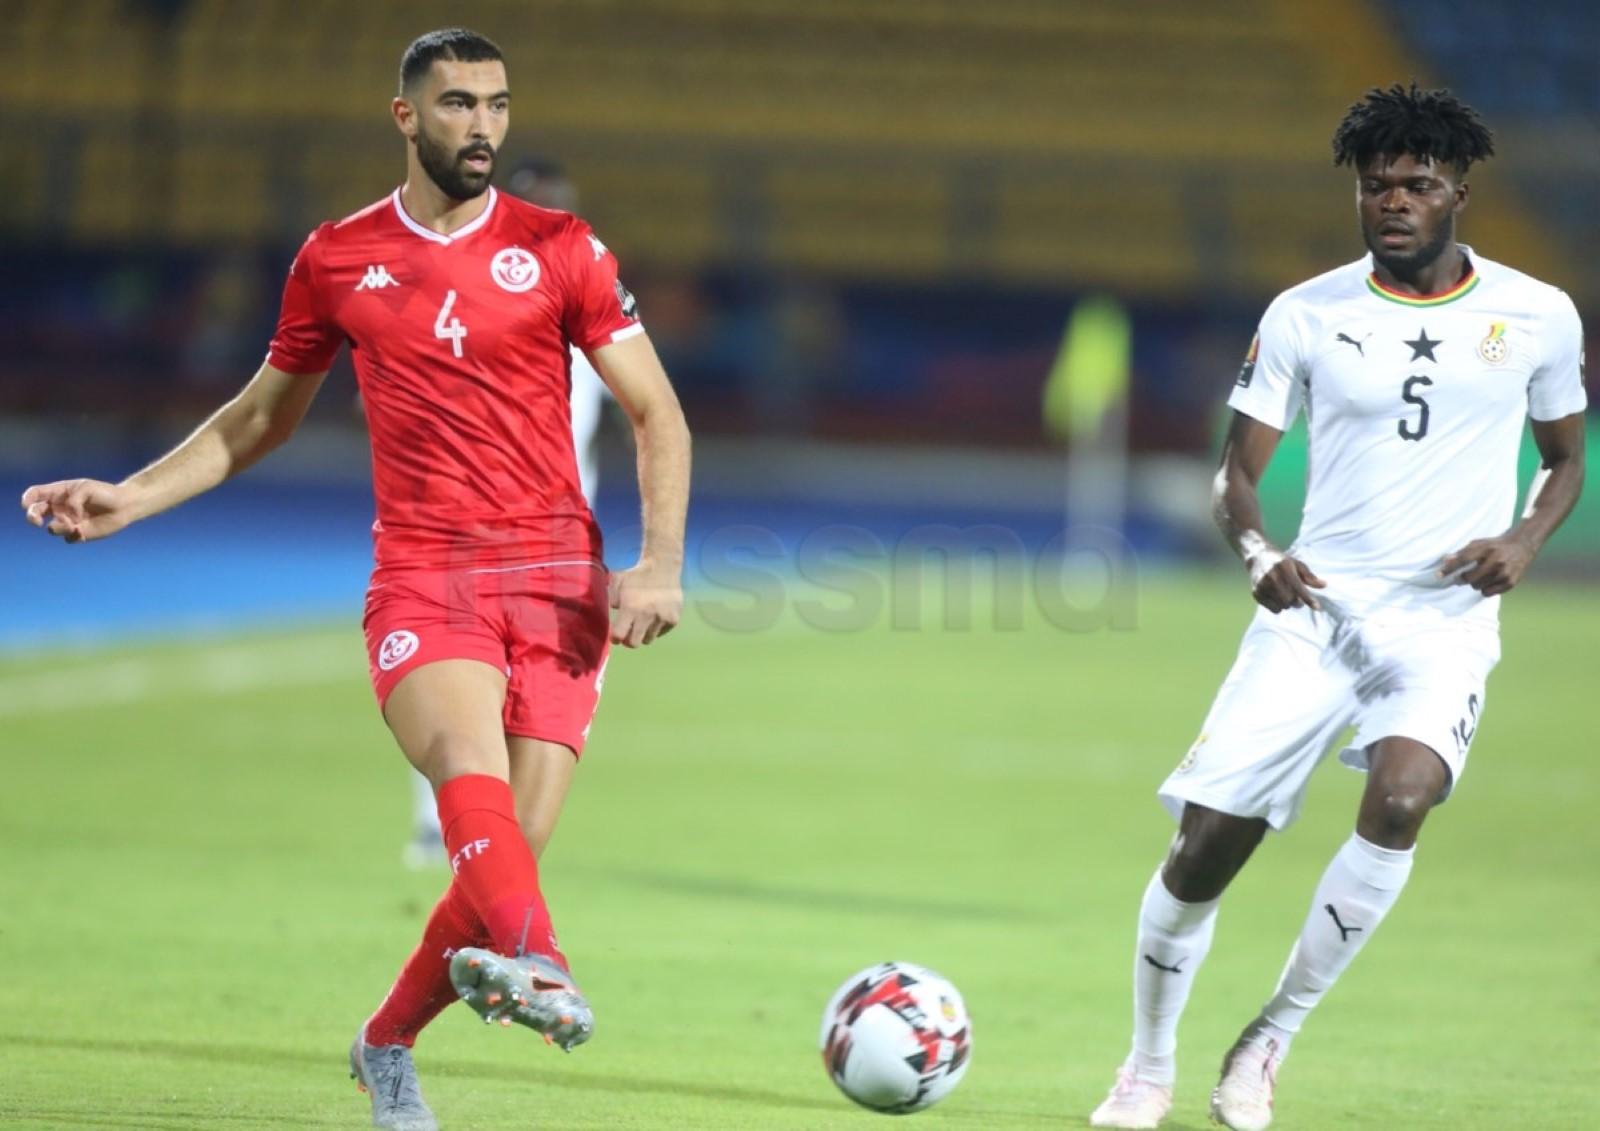 صور الشوط الأول من مباراة المنتخب الوطني التونسي و منتخب غانا